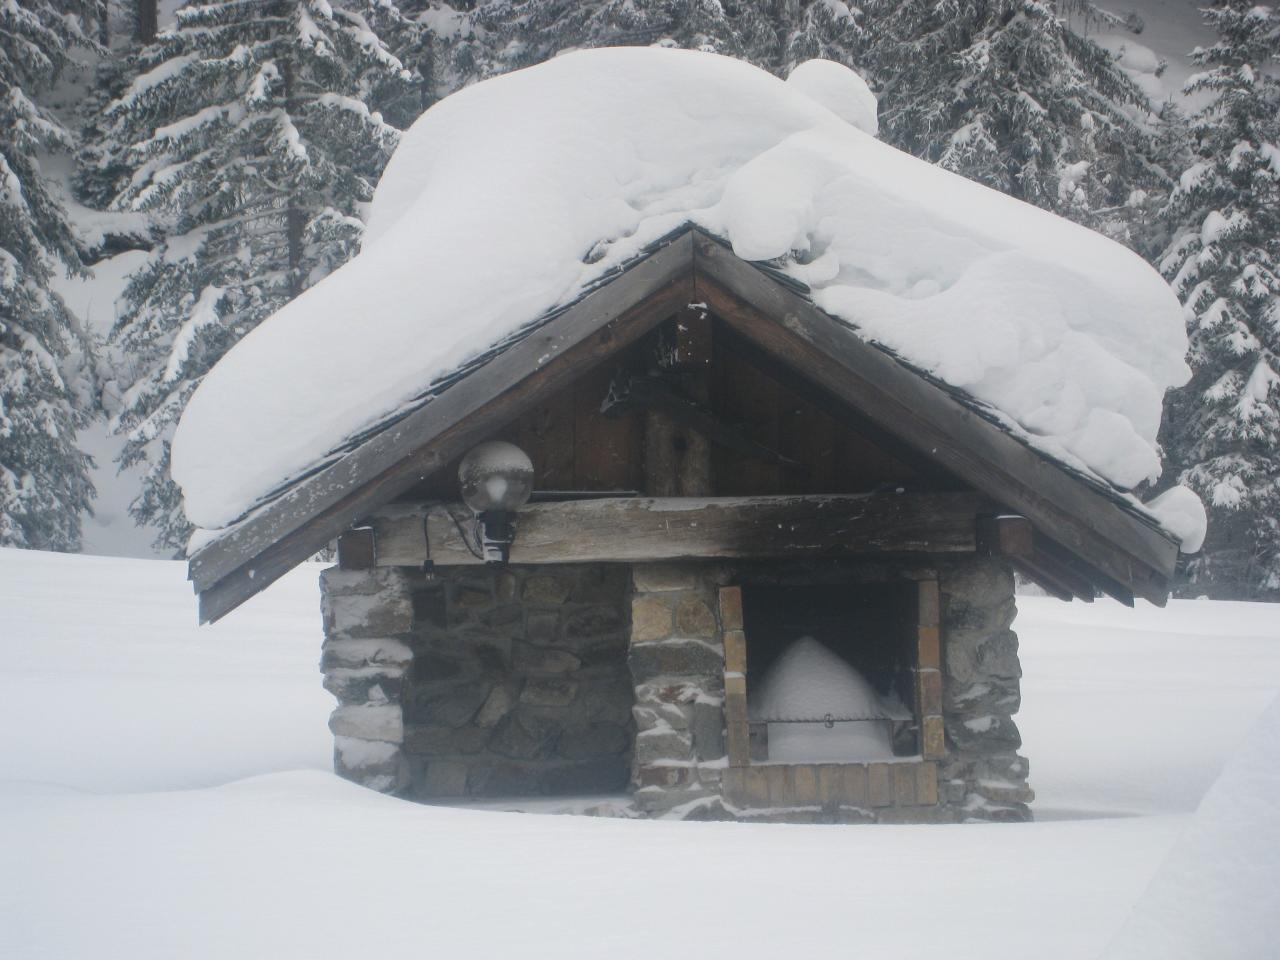 Ferienhaus Chalet Le Grandzon **** (bis 8 Personen) (2513703), Champex-Lac, Val d'Entremont, Wallis, Schweiz, Bild 13